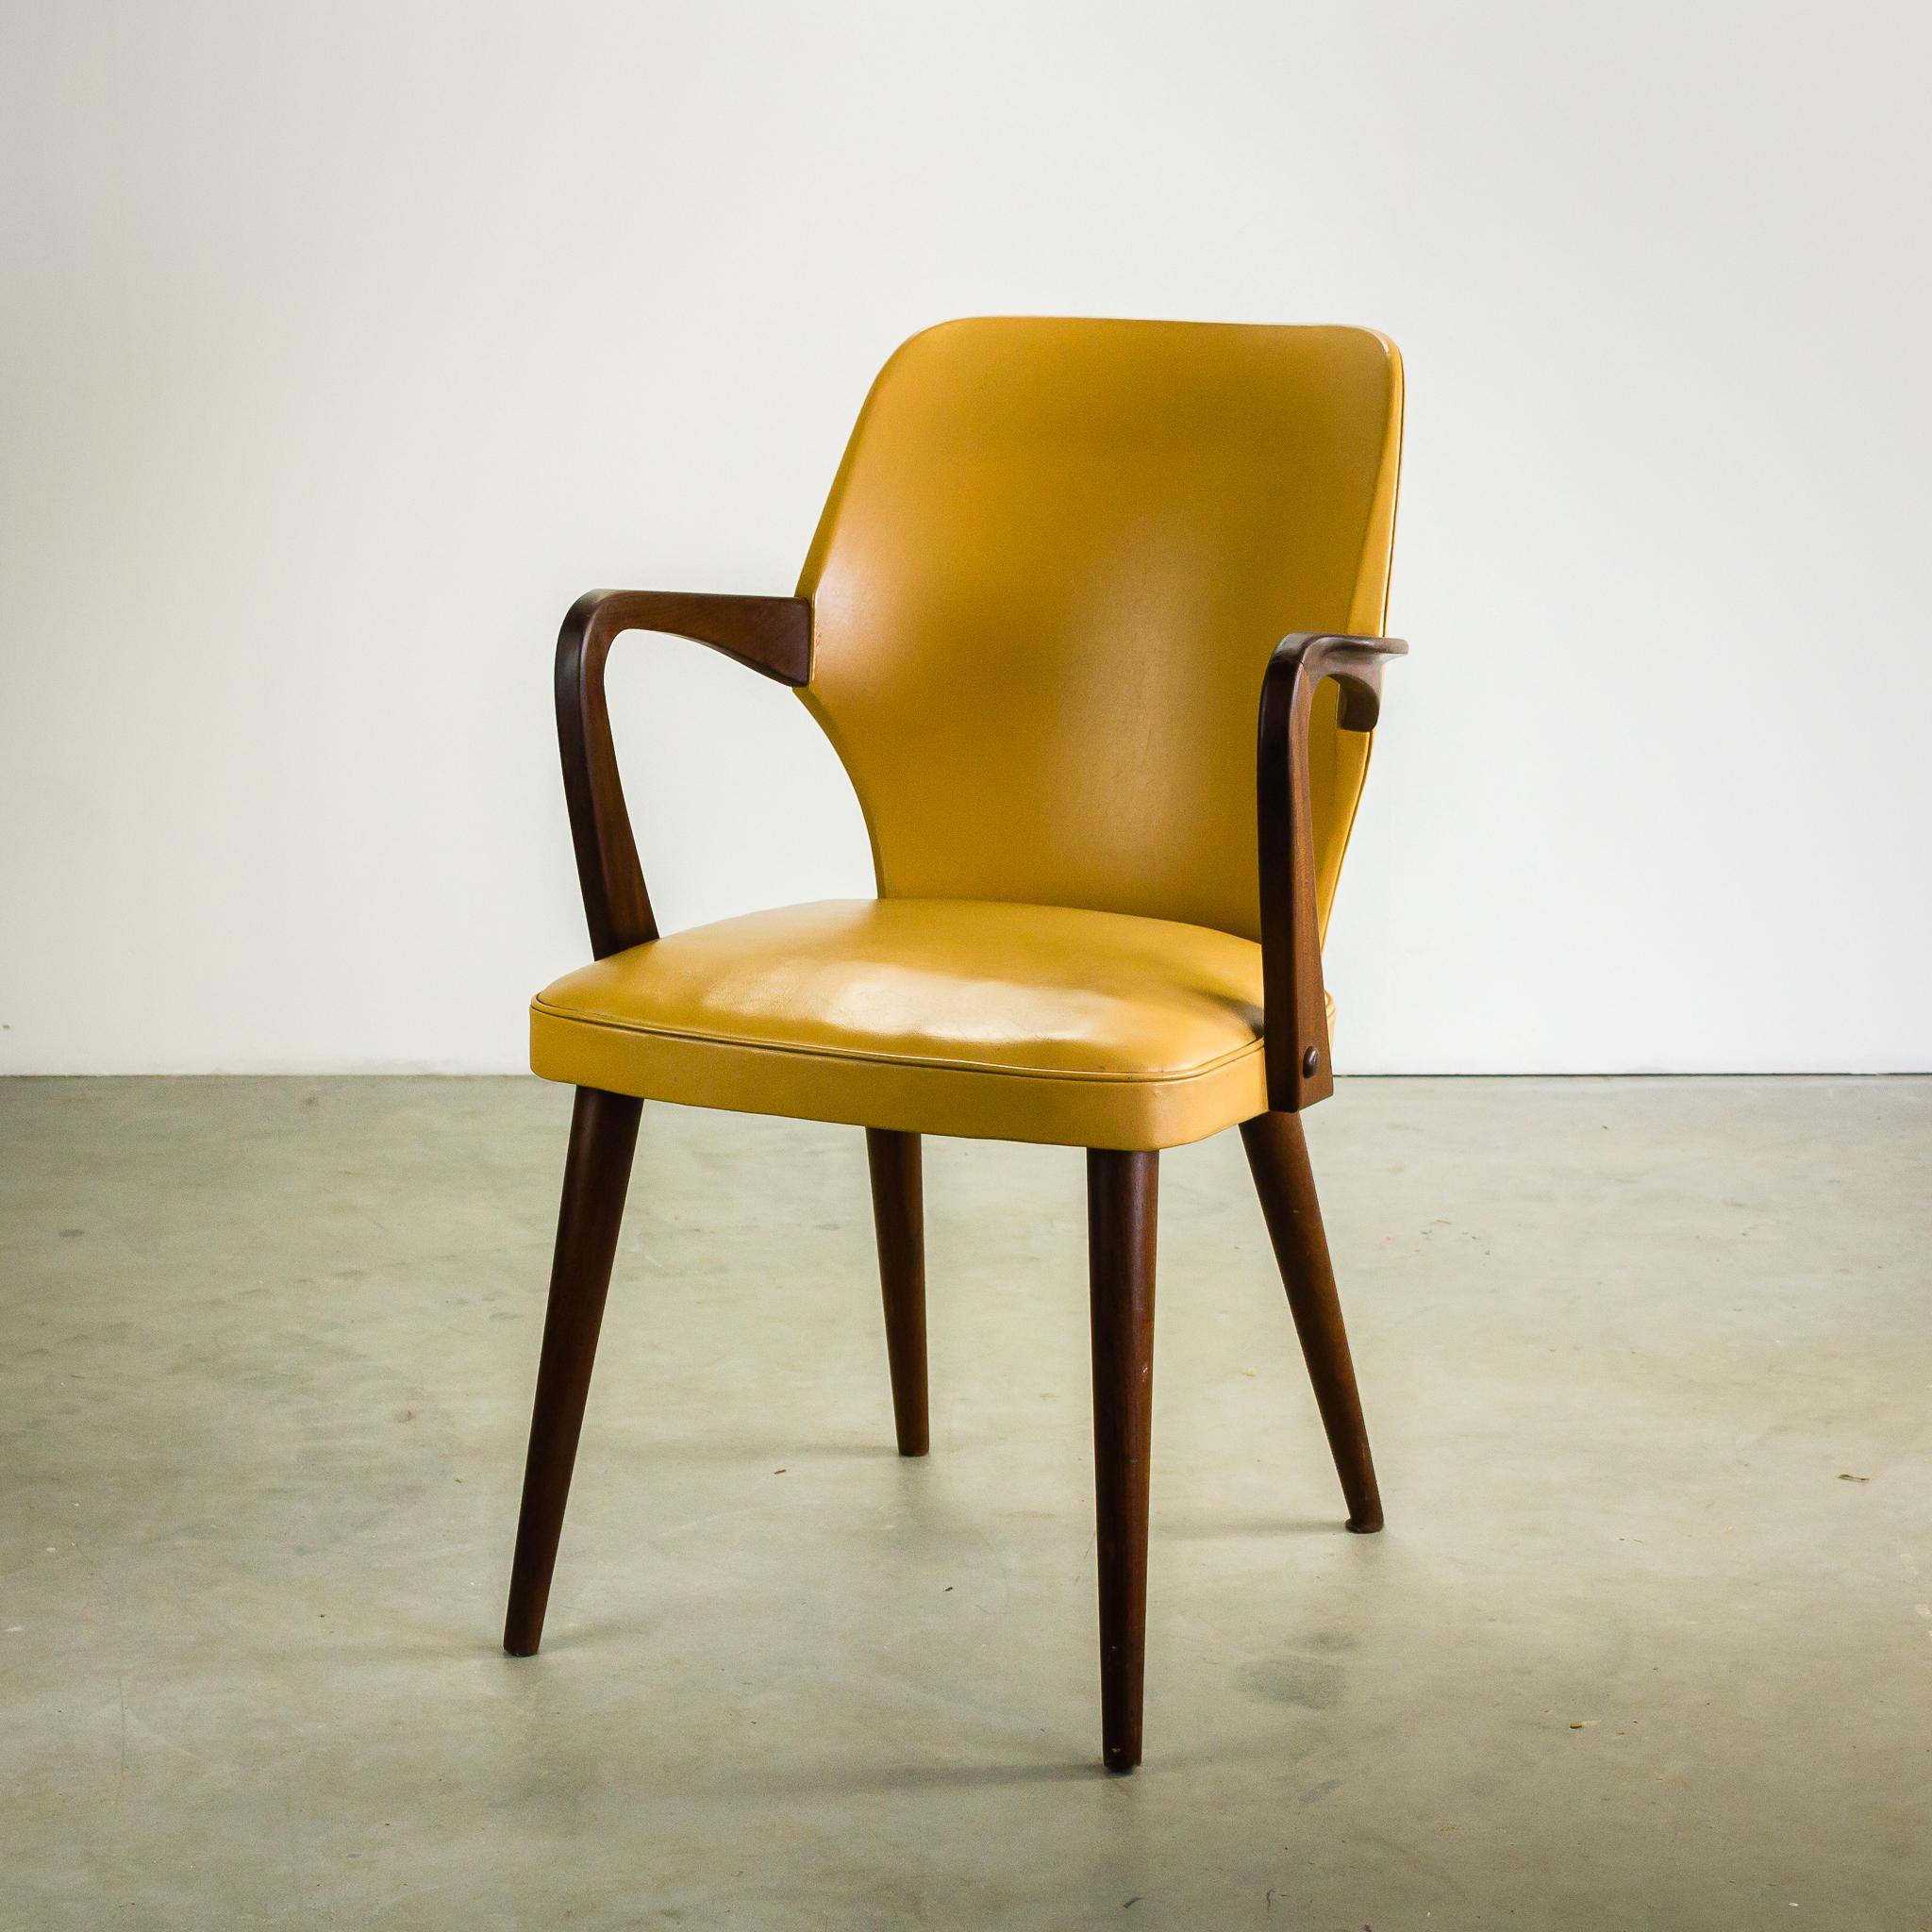 Stoelen Retro Tweedehands  Houten eetkamer stoelen  tweedehands teak houten eetkamer stoelen